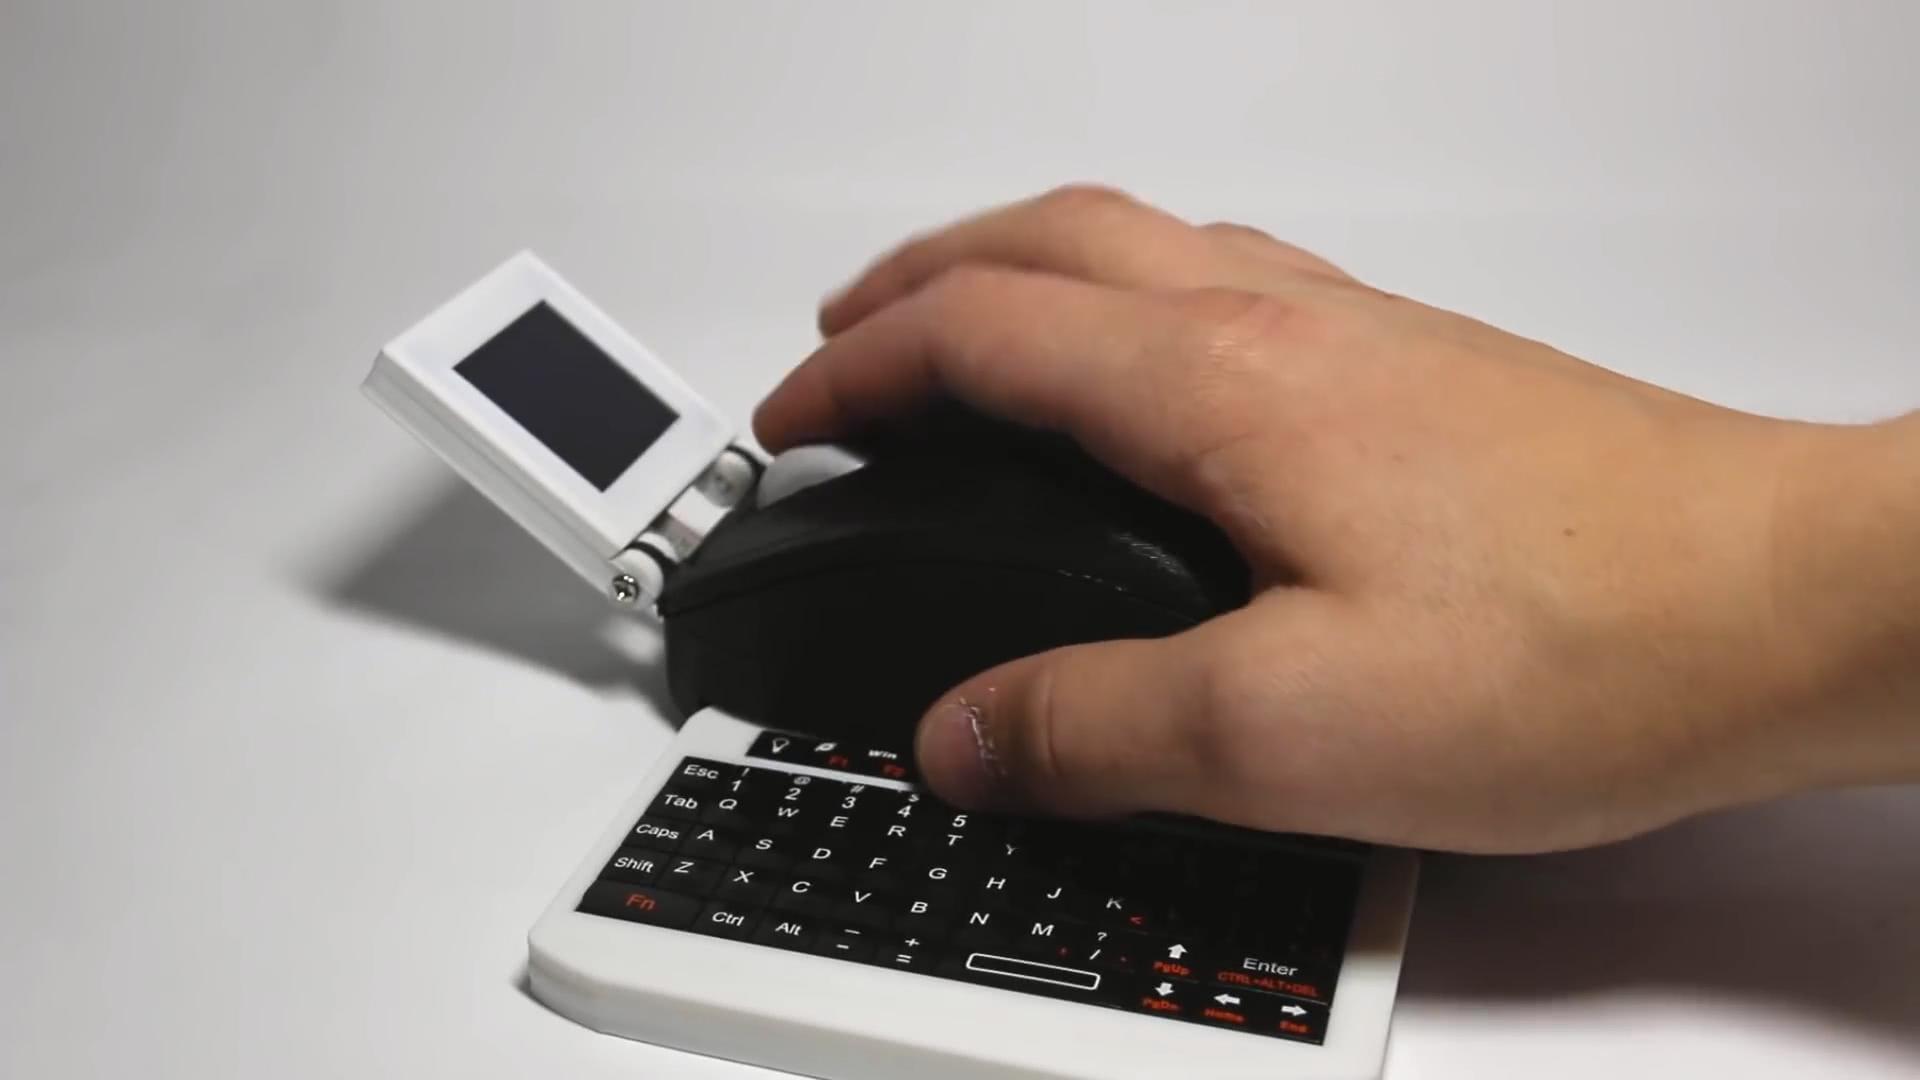 Умелец превратил Raspberry Pi в компьютерную мышь с монитором и клавиатурой